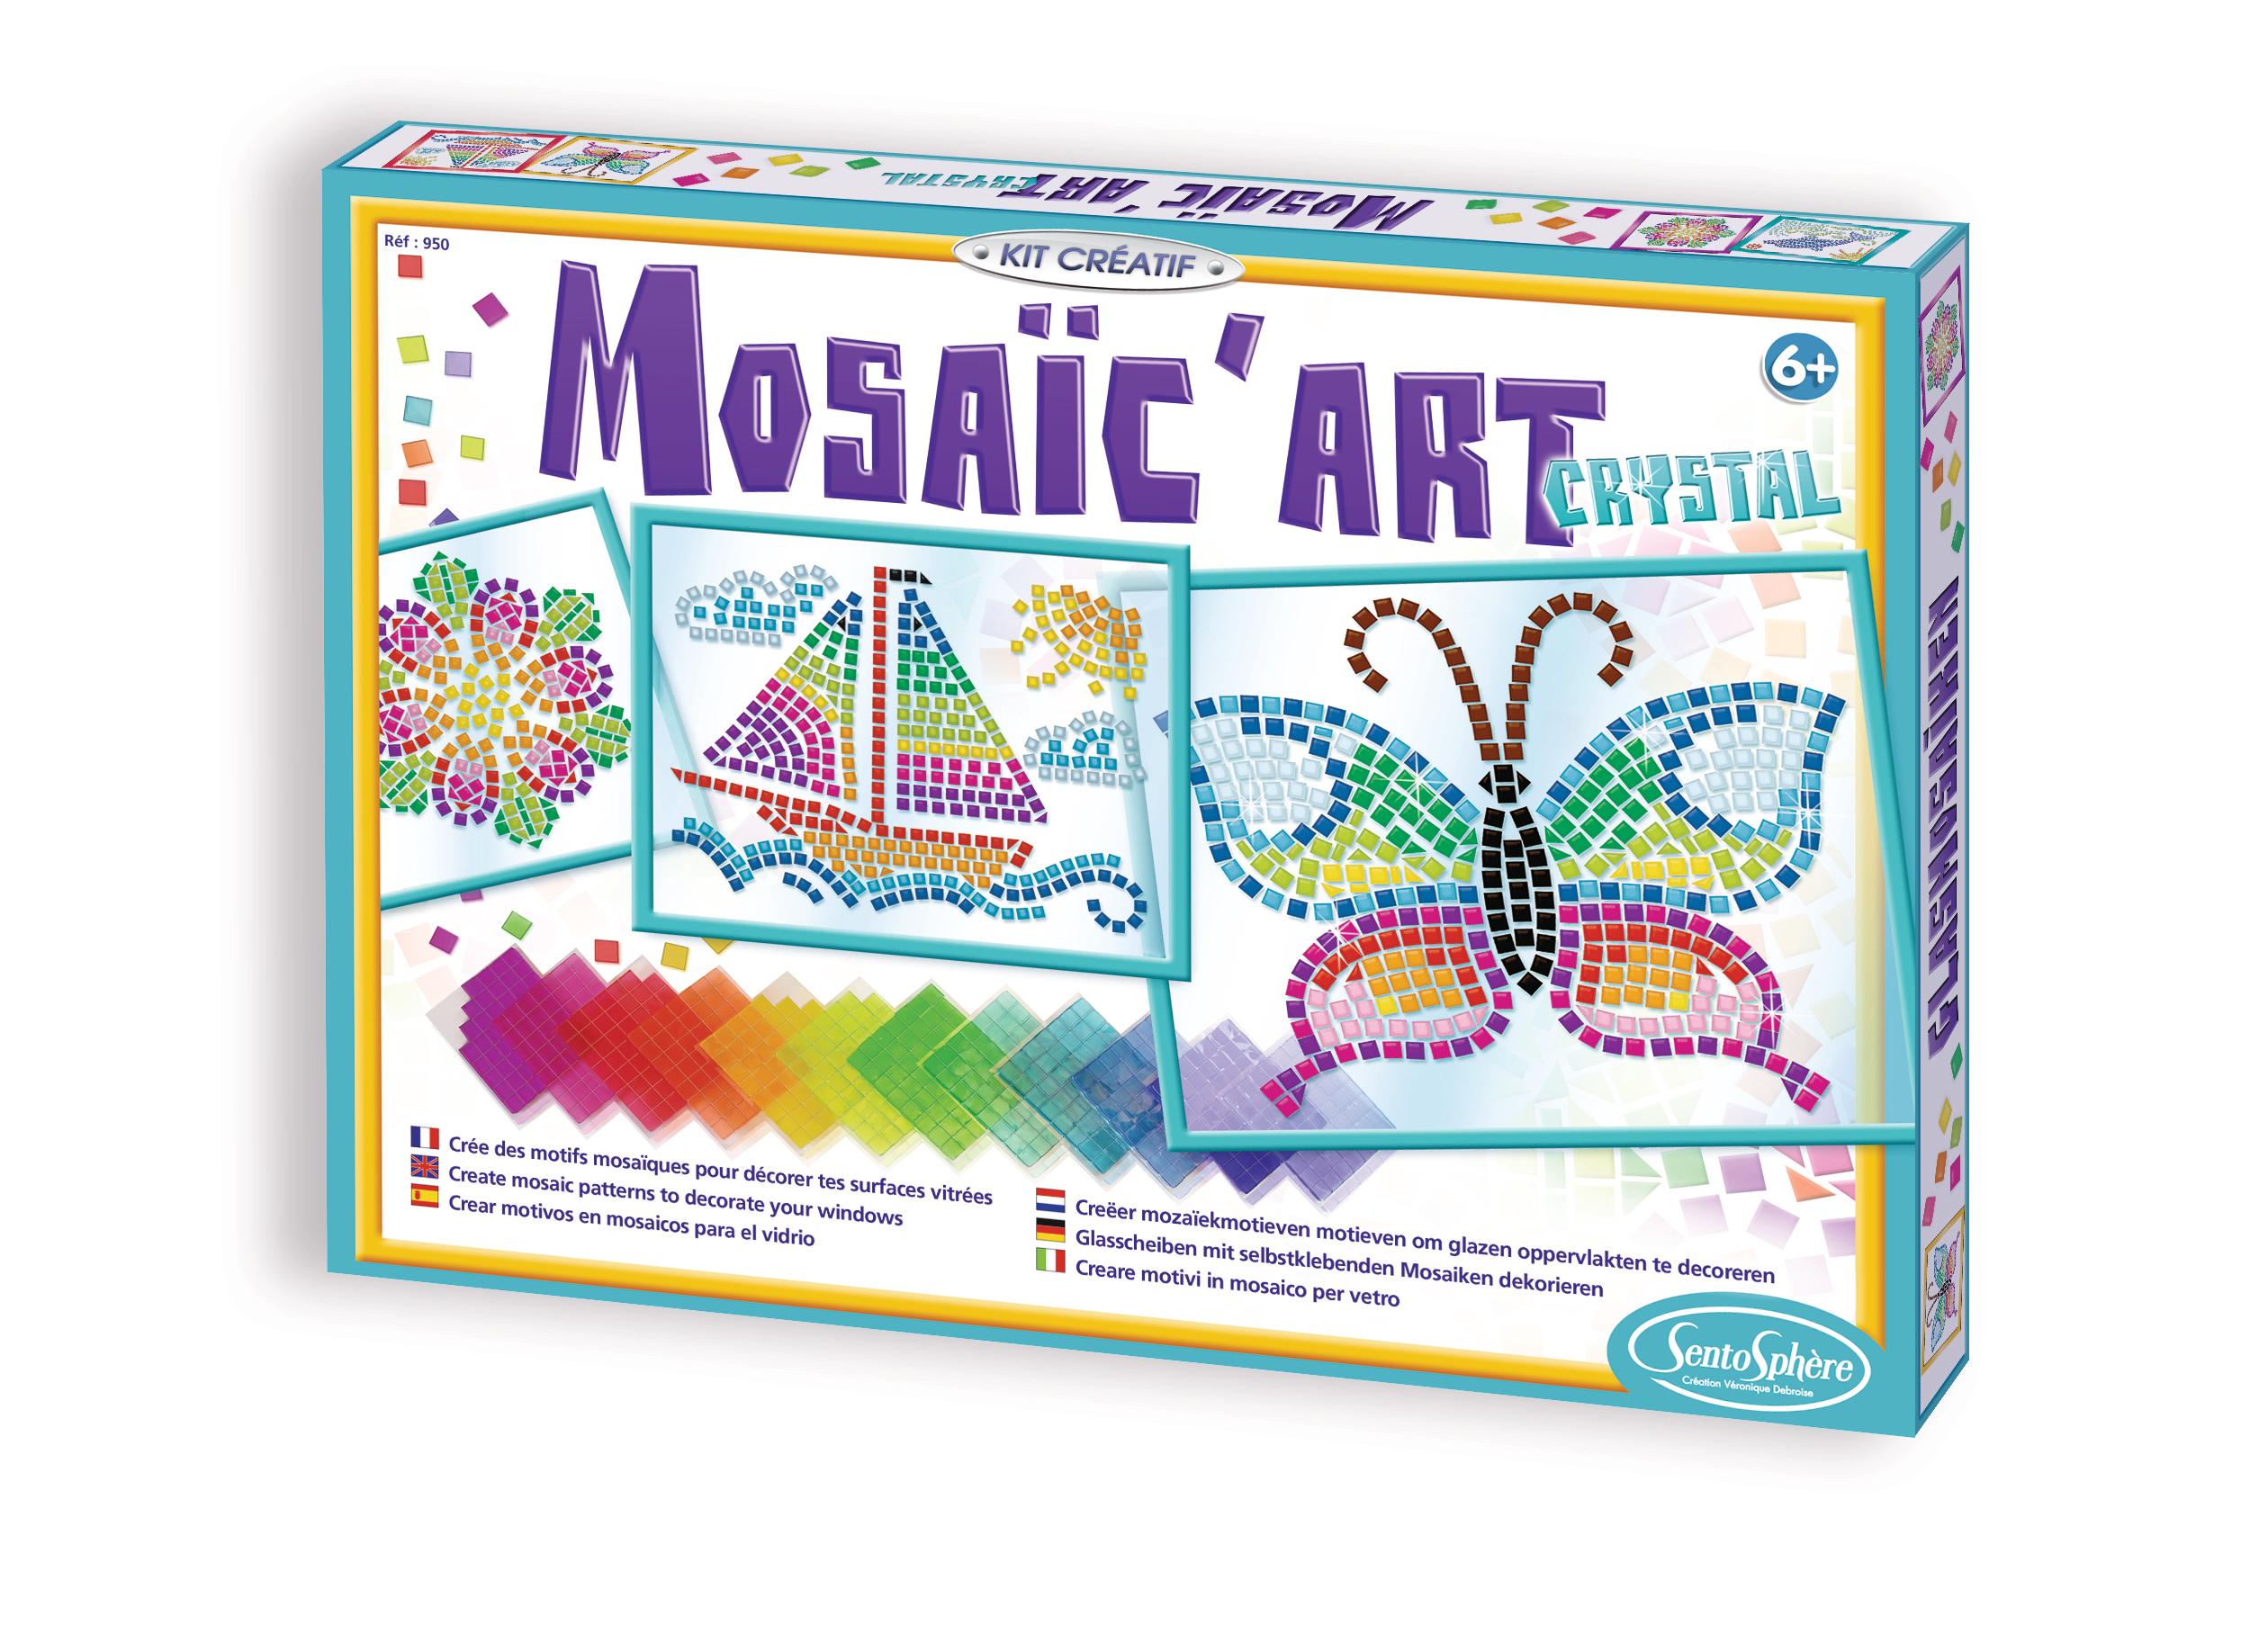 Mosaïc' Art